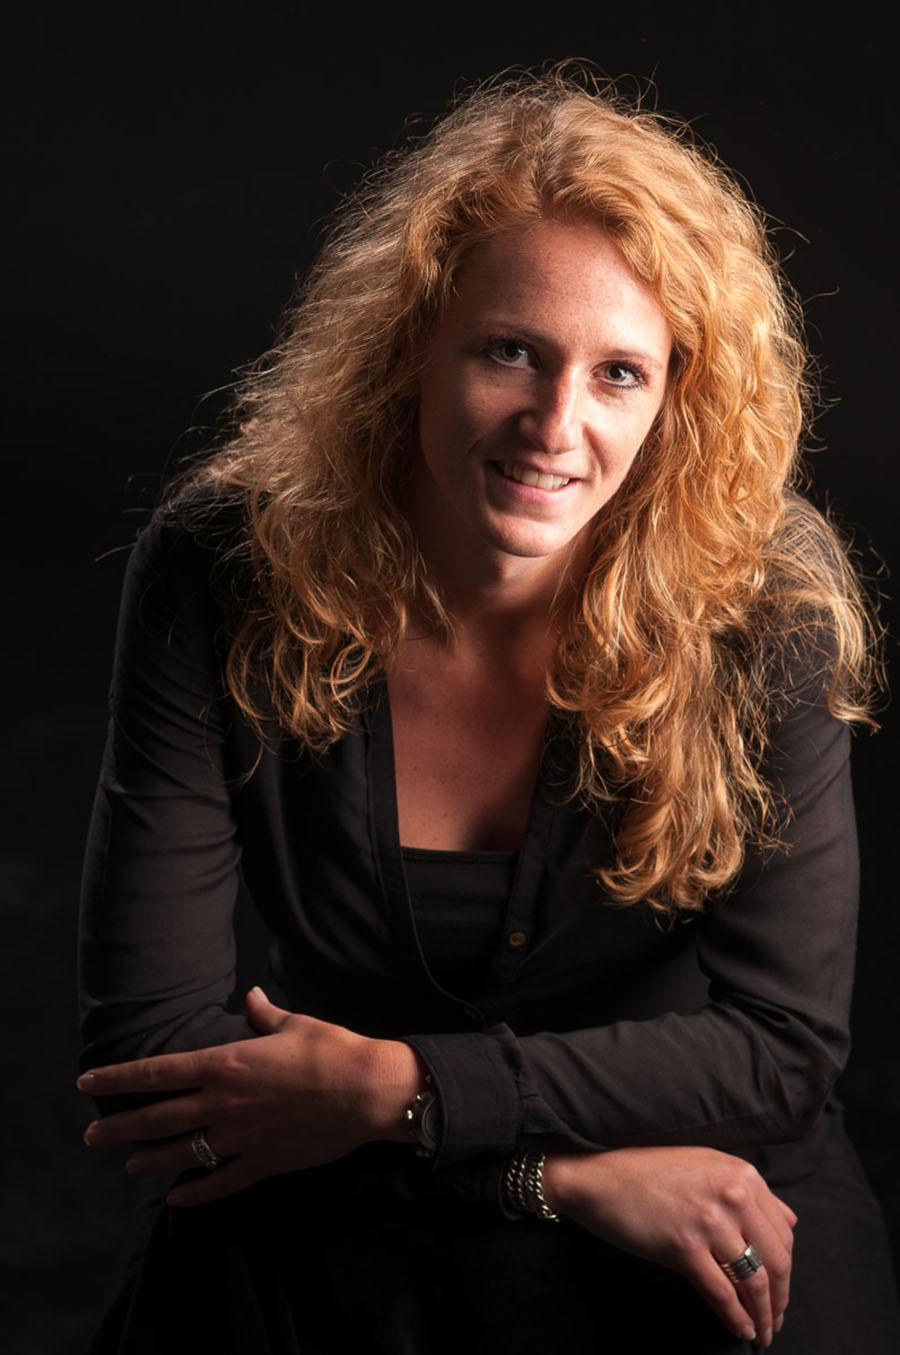 Bedrijfsfotografie zakelijk portret vrouw studio